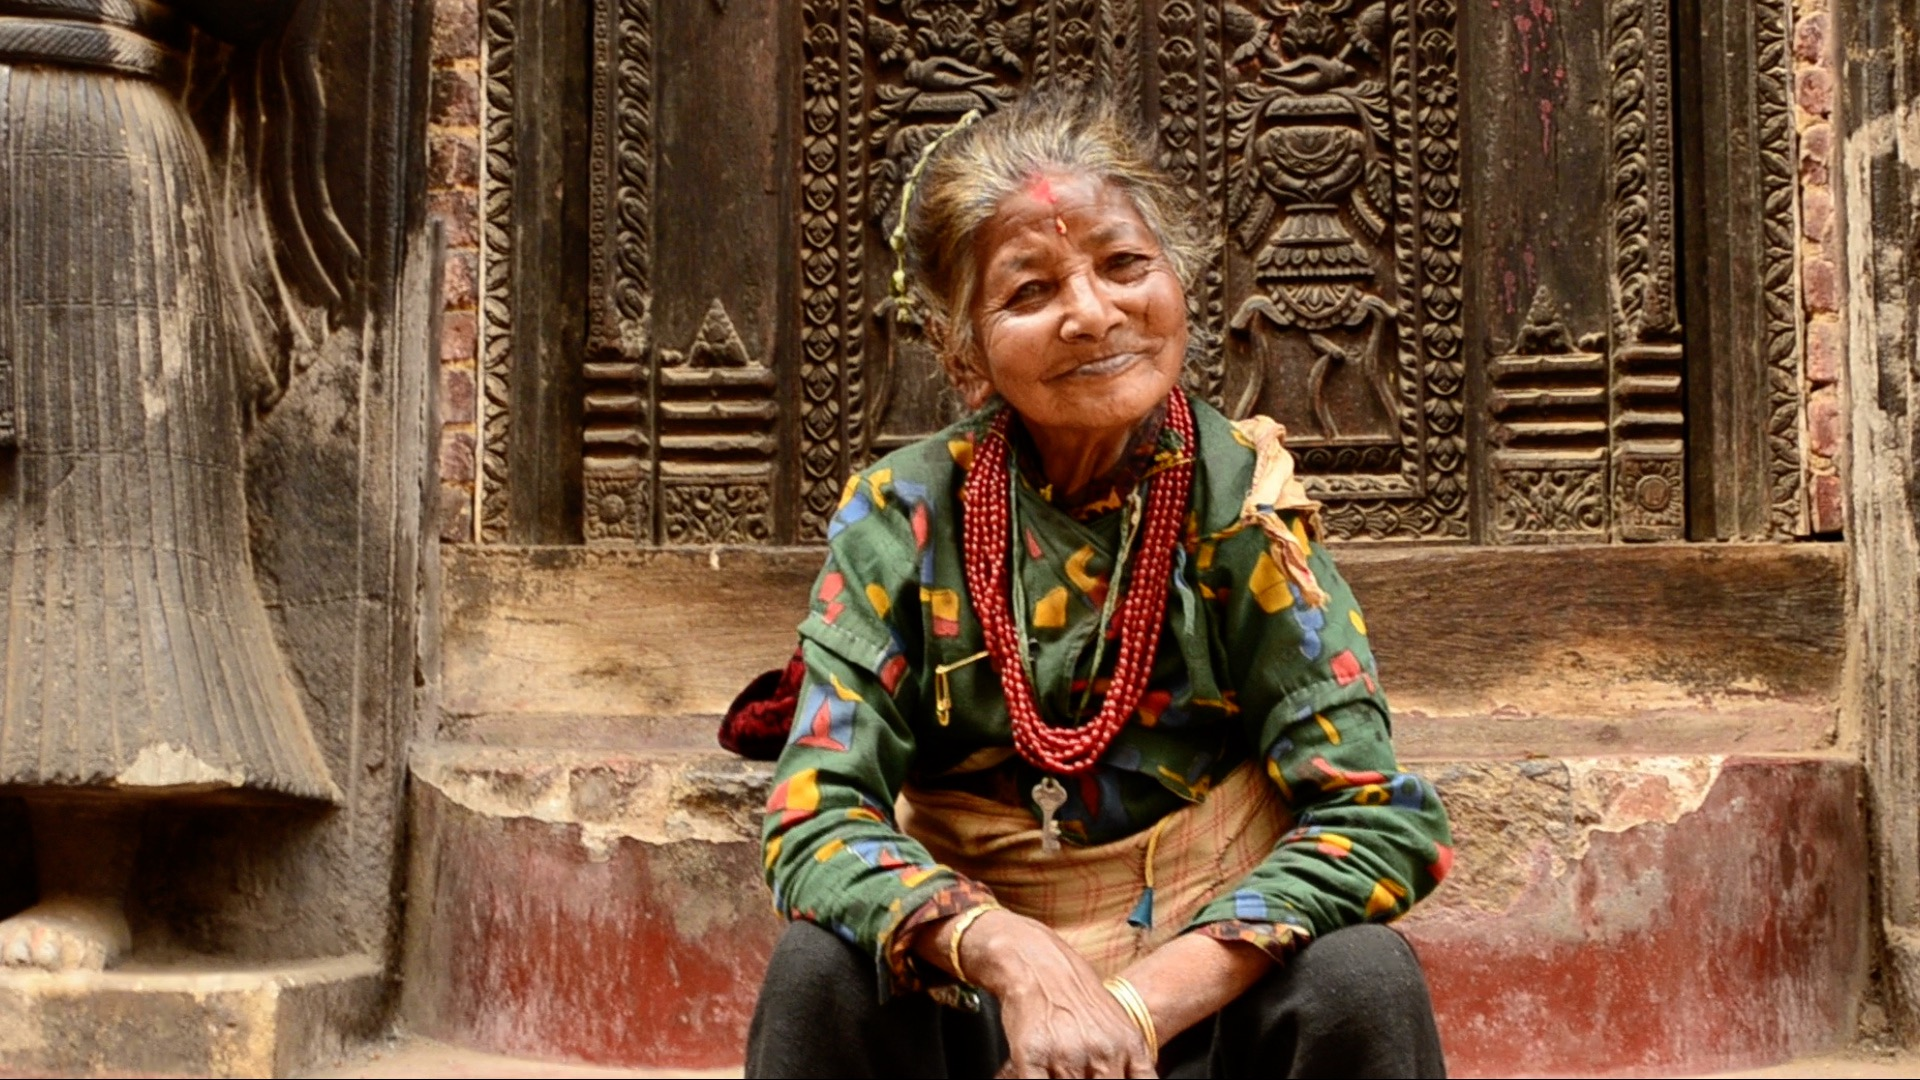 She is wisdom -